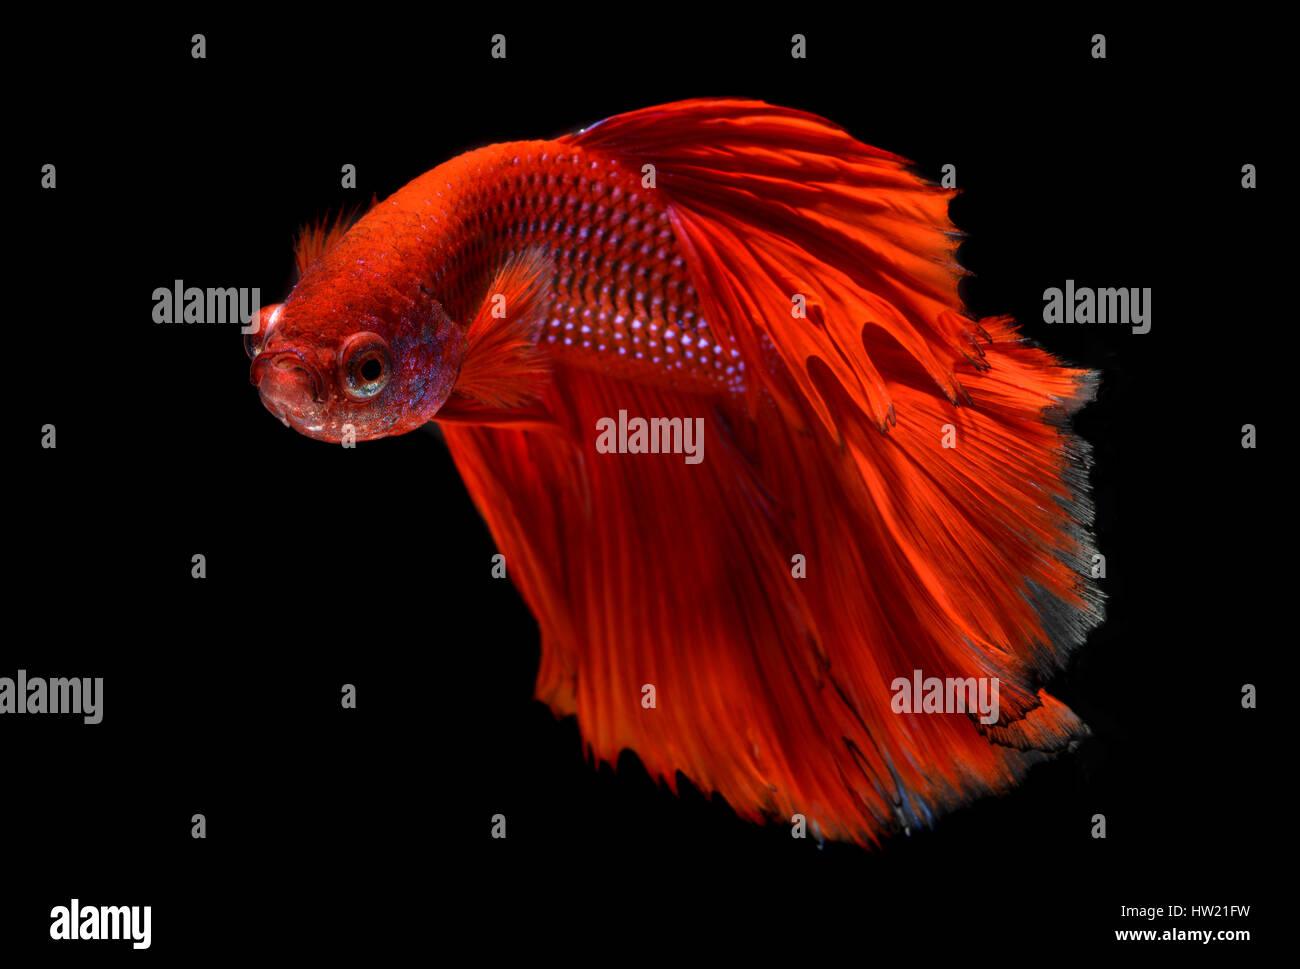 Acción de Haft luna roja larga cola Betta peces o la lucha contra los peces siameses foto en flash iluminación de estudio. Foto de stock